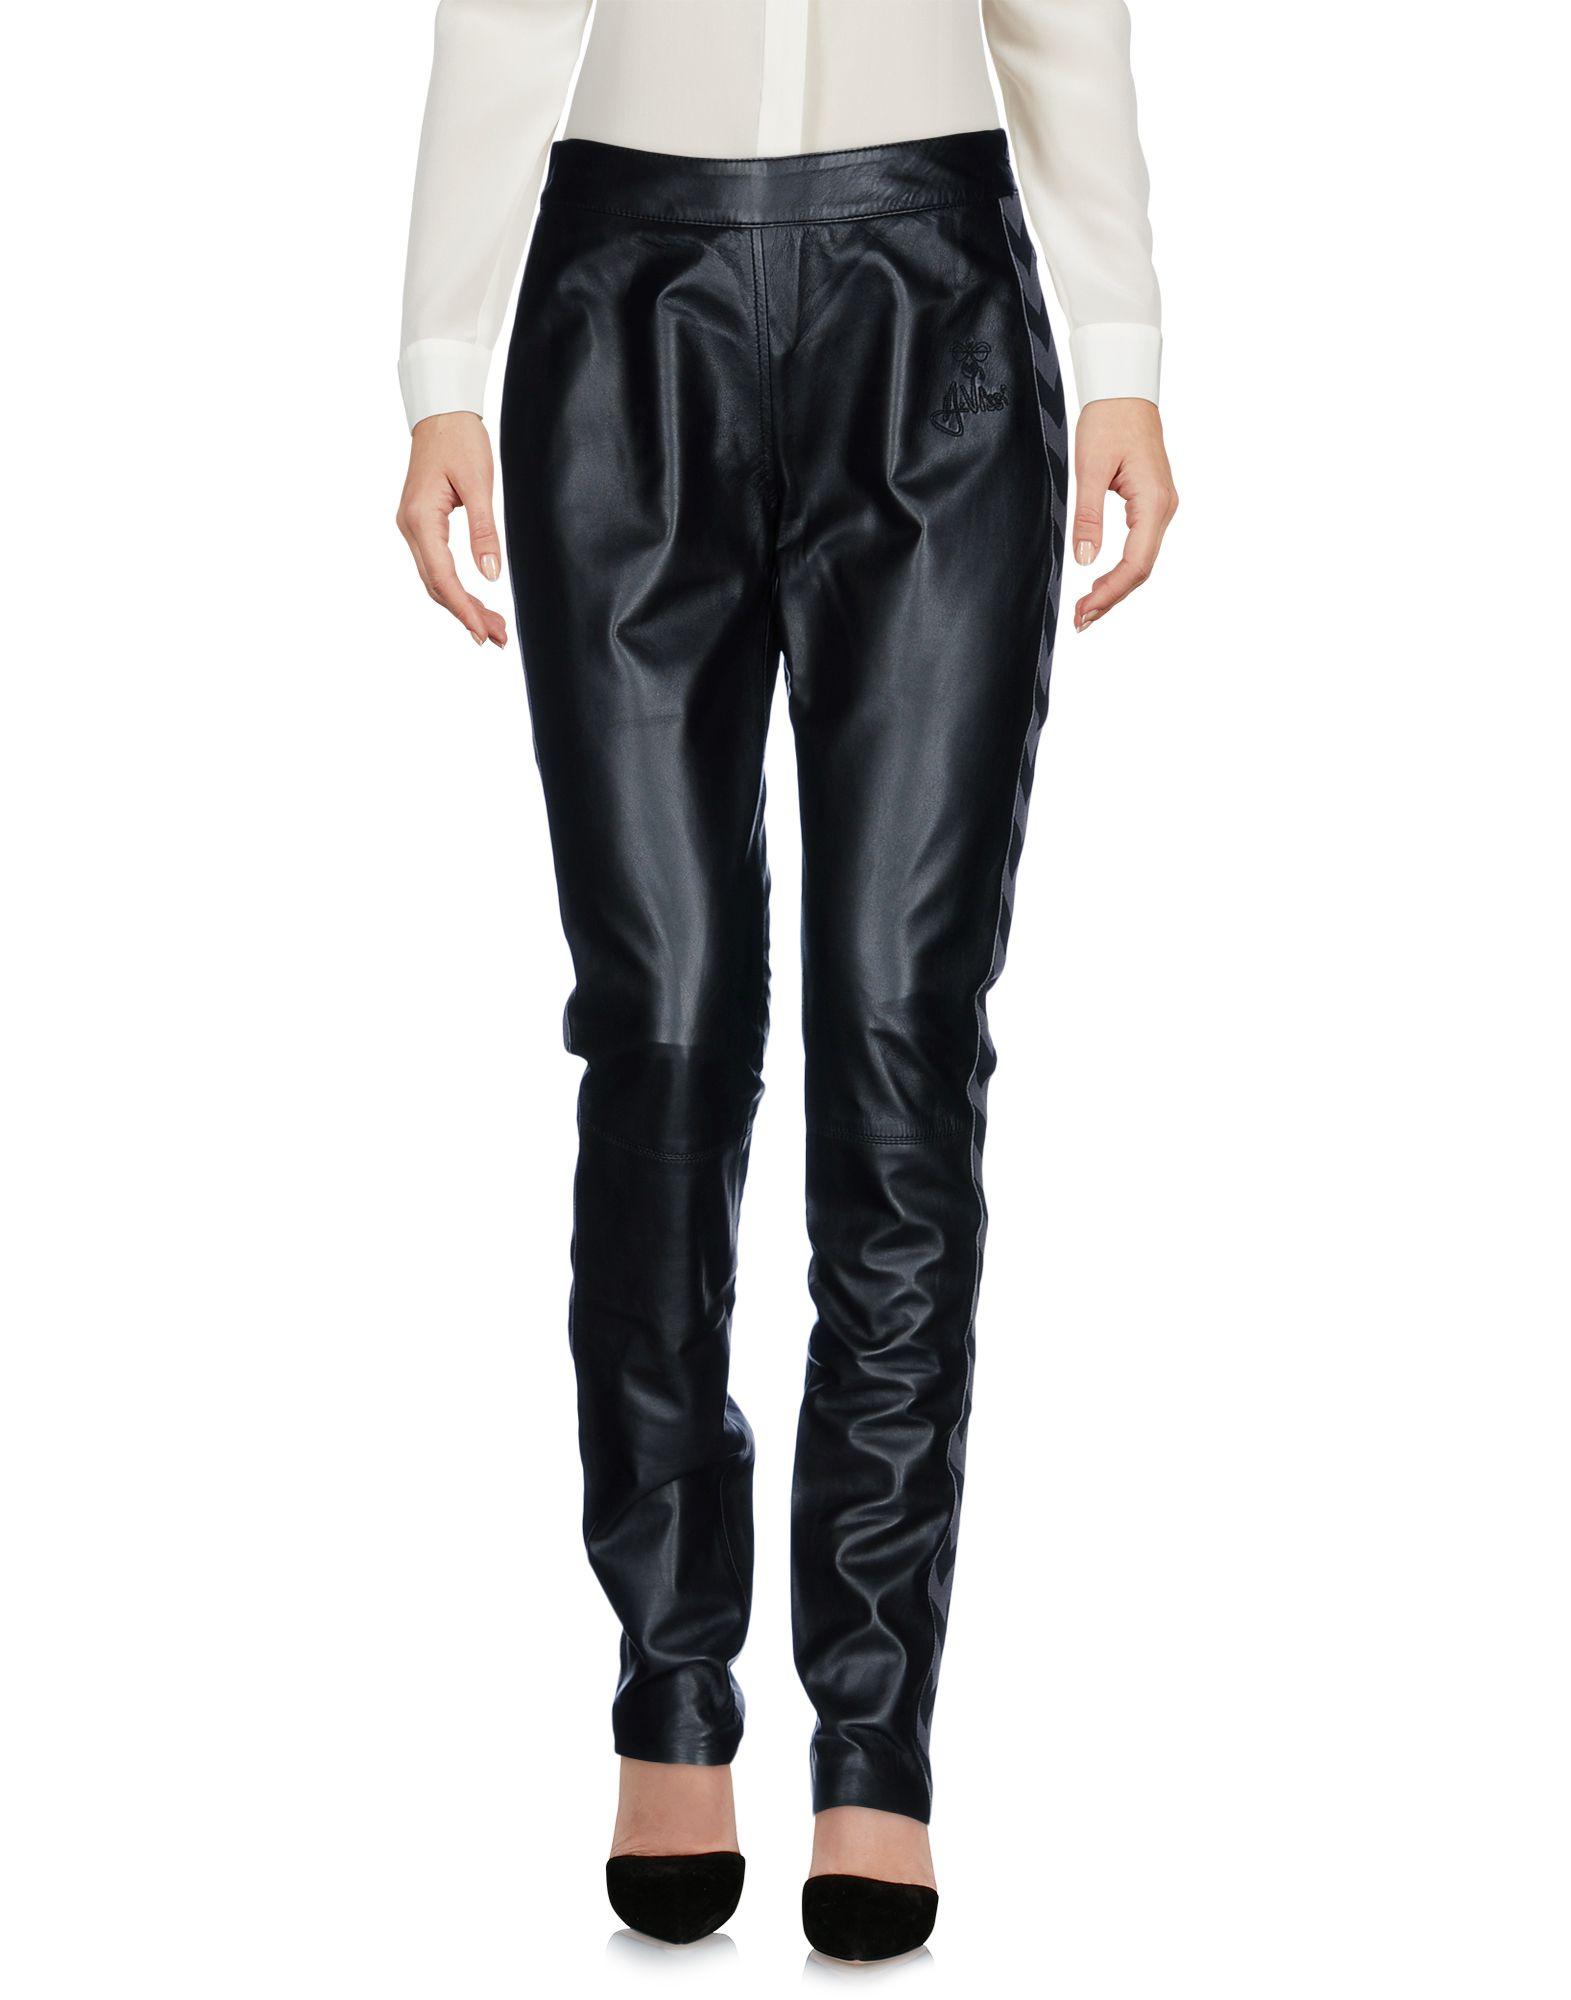 HUMMEL Damen Hose Farbe Schwarz Größe 6